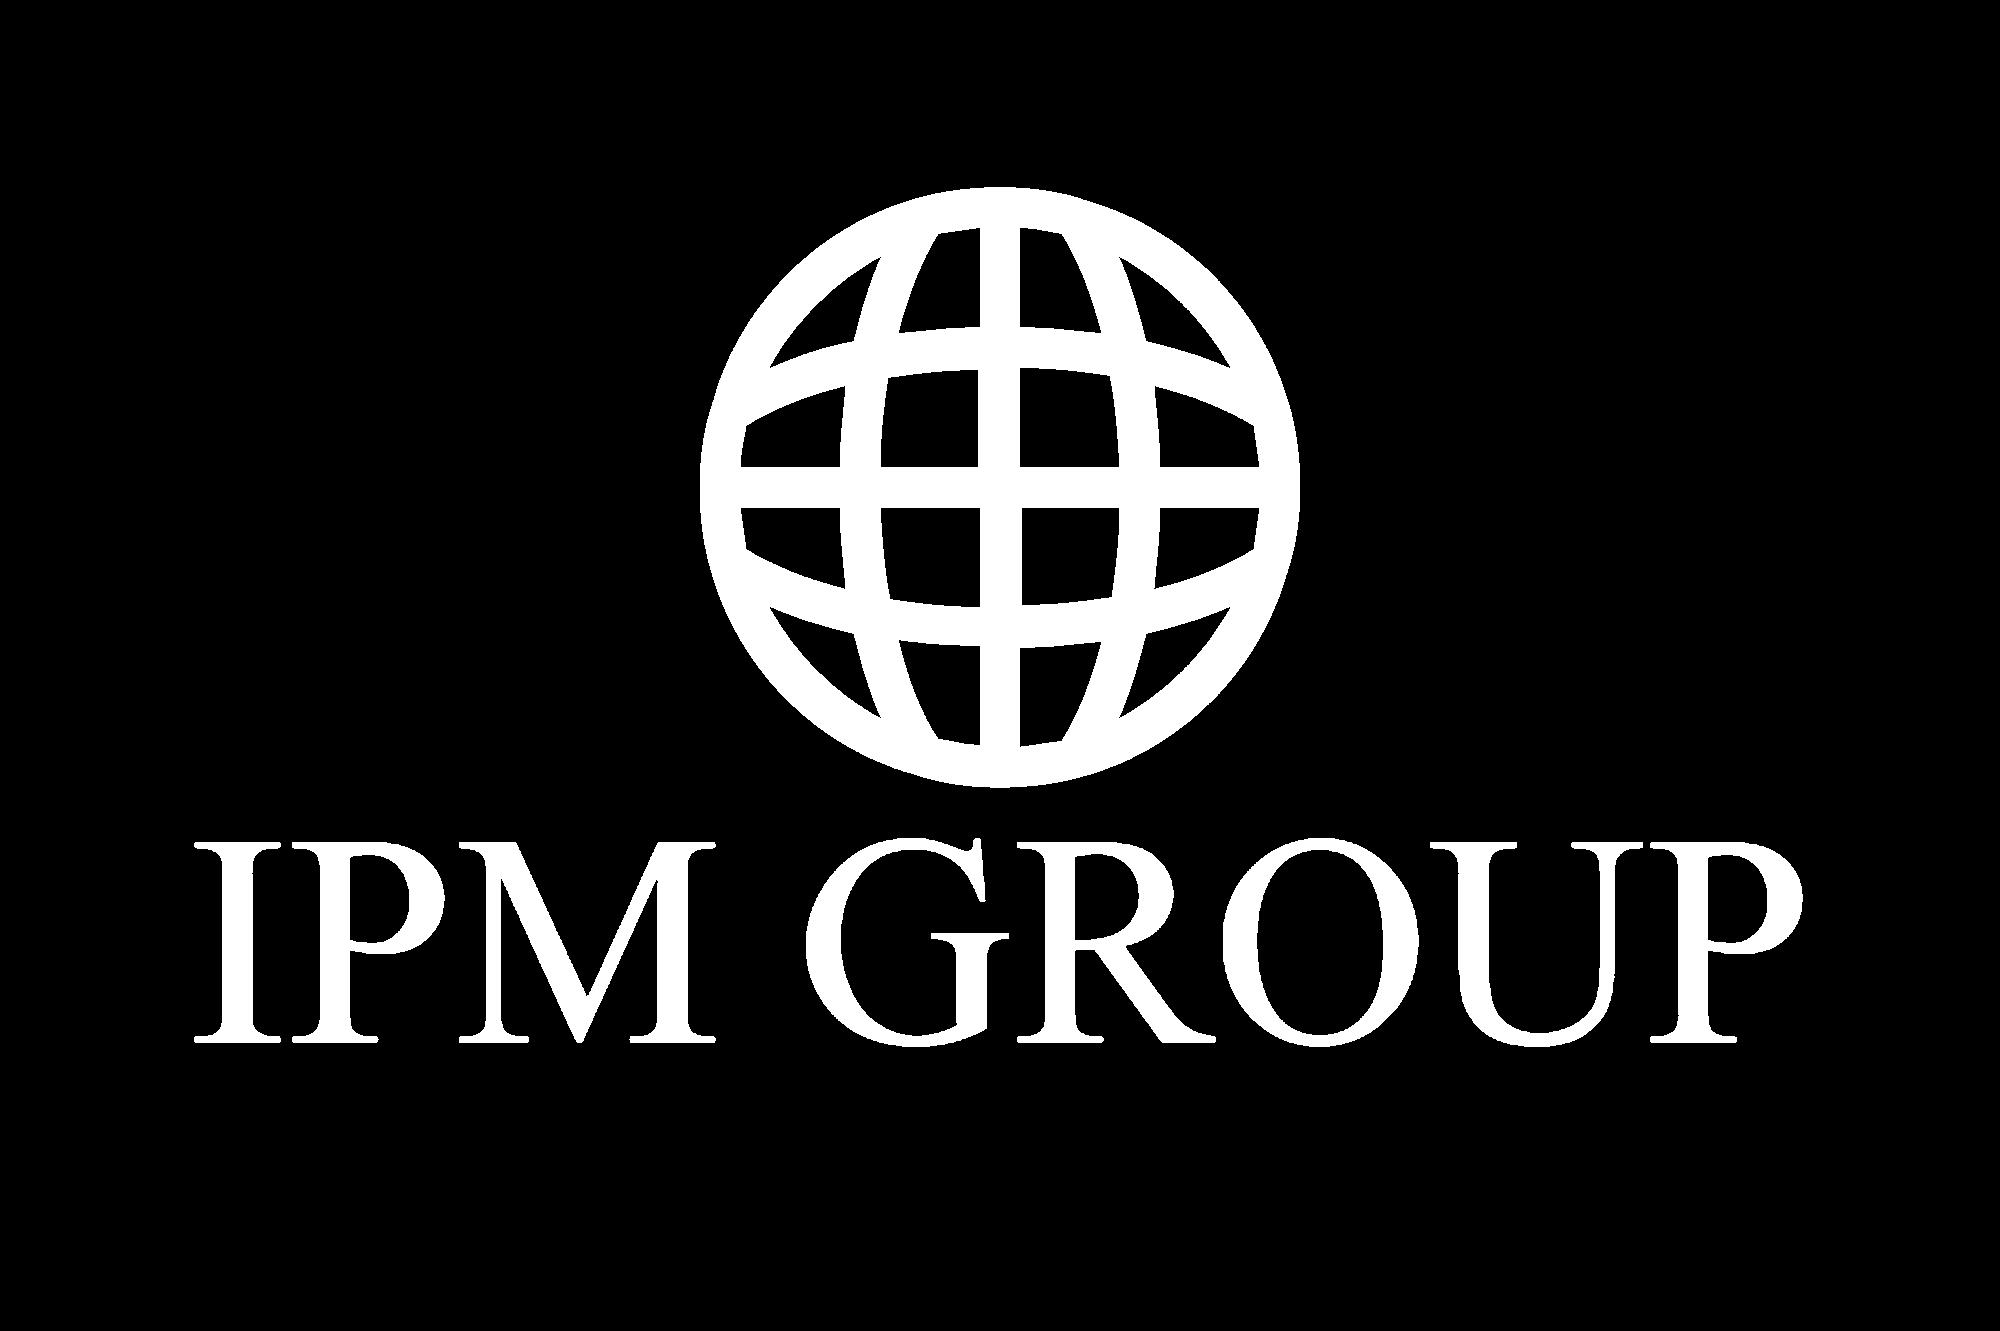 Разработка логотипа для управляющей компании фото f_0025f831223af293.png